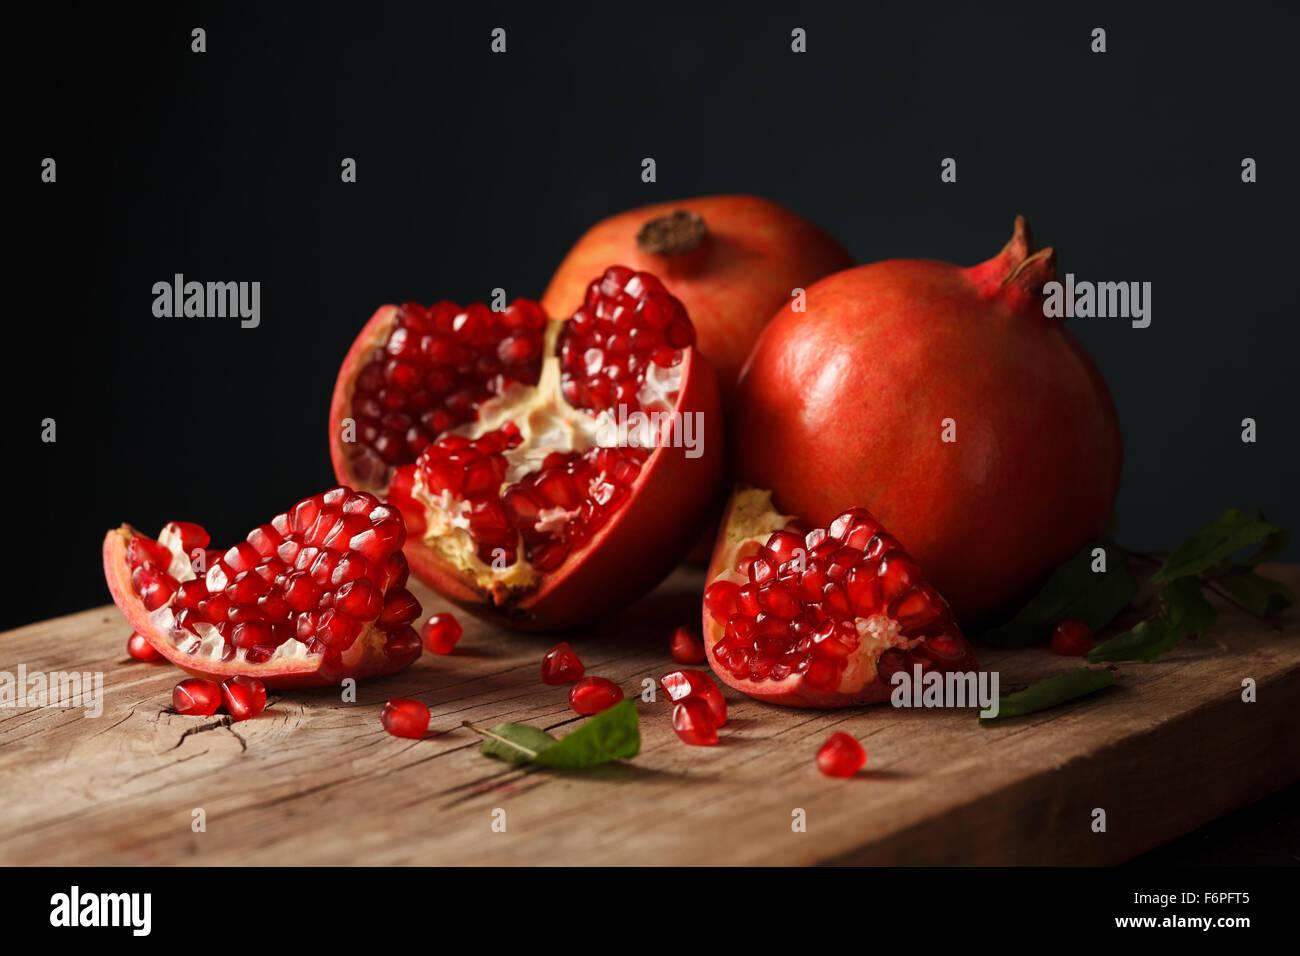 Granada comida saludable de frutas frescas orgánicas todavía la vida vegetariana antioxidante jugoso Imagen De Stock